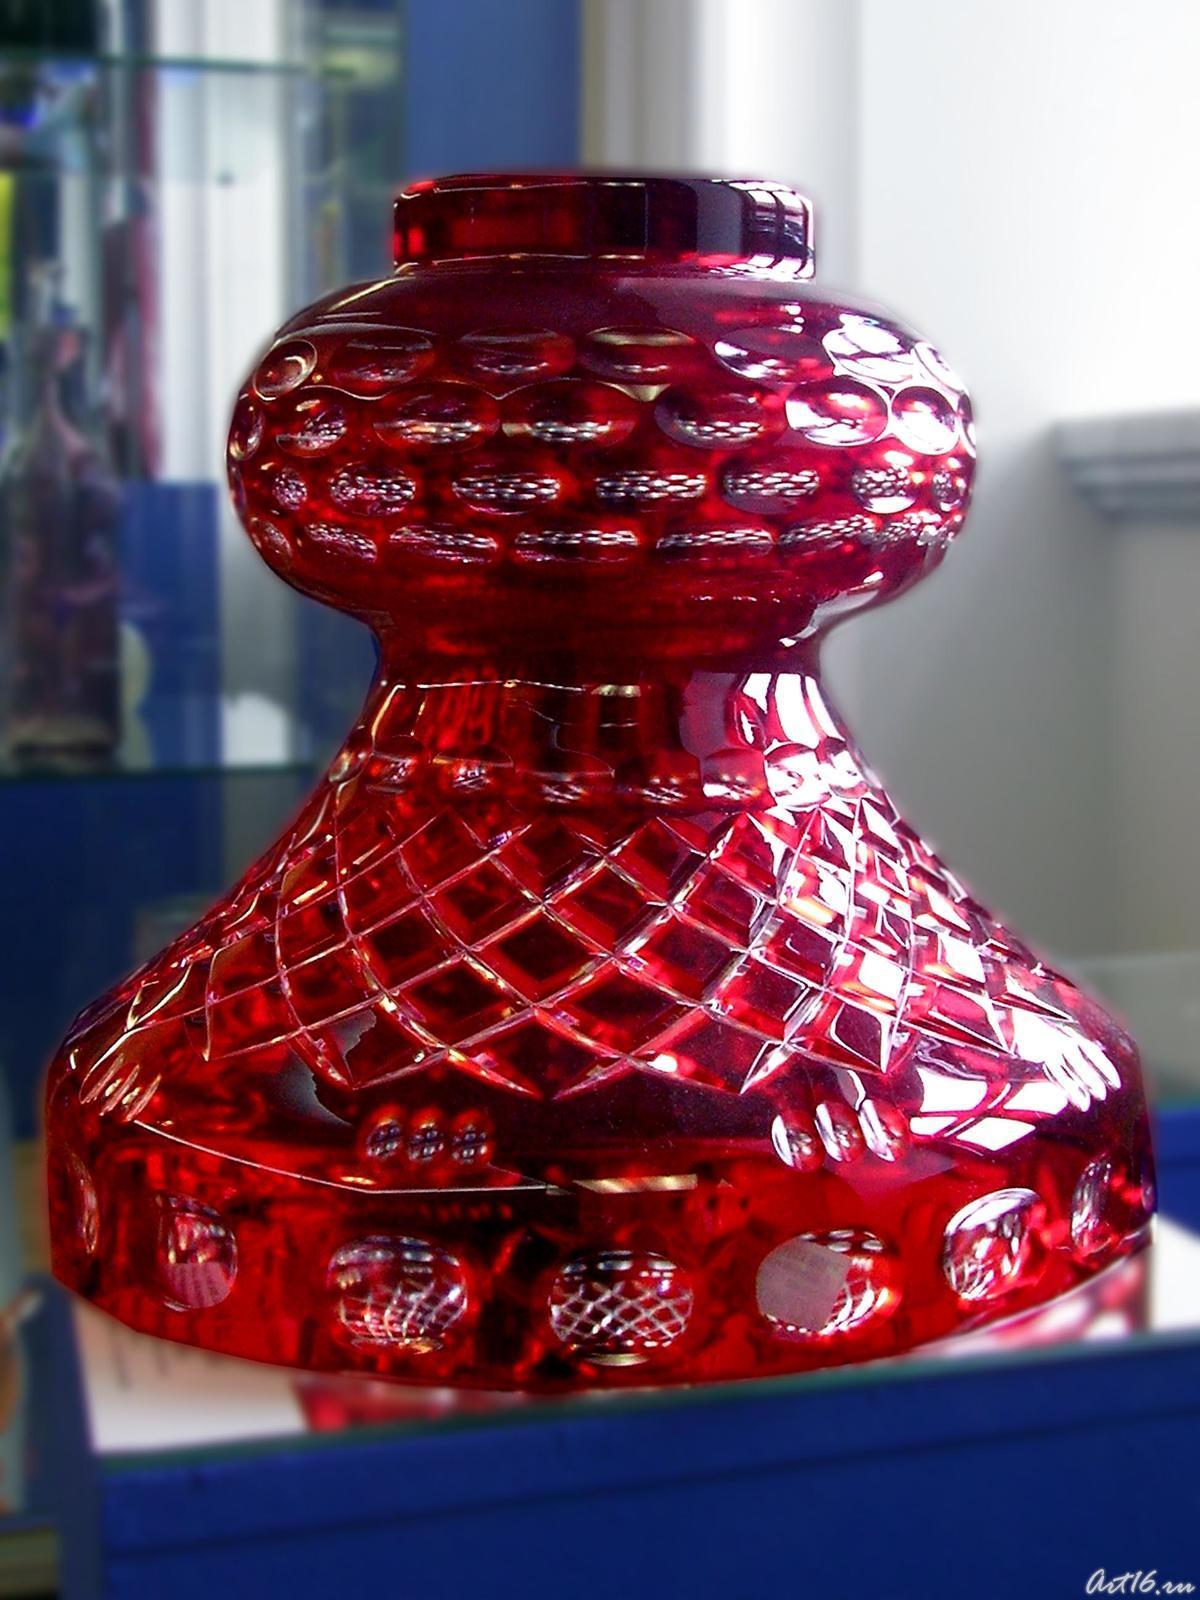 Фото №15430. Элемент вазы для цветов ''Традиция''